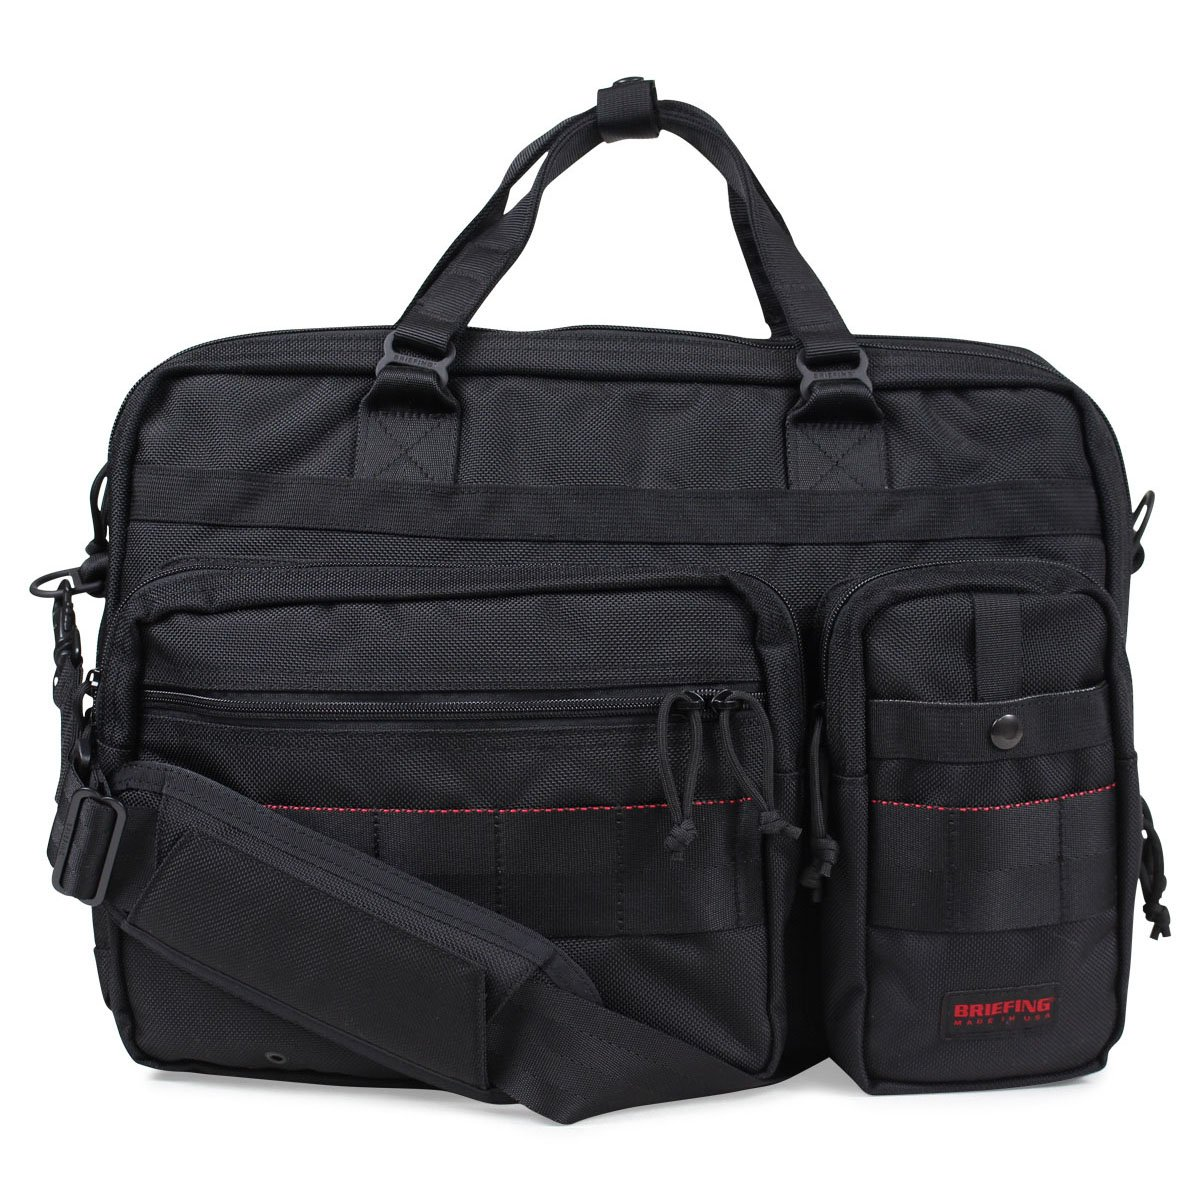 ブリーフィング B4 OVER TRIP バッグ ブリーフケース ビジネスバッグ BRF117219 メンズ (並行輸入品) B07CJ9481S ブラック